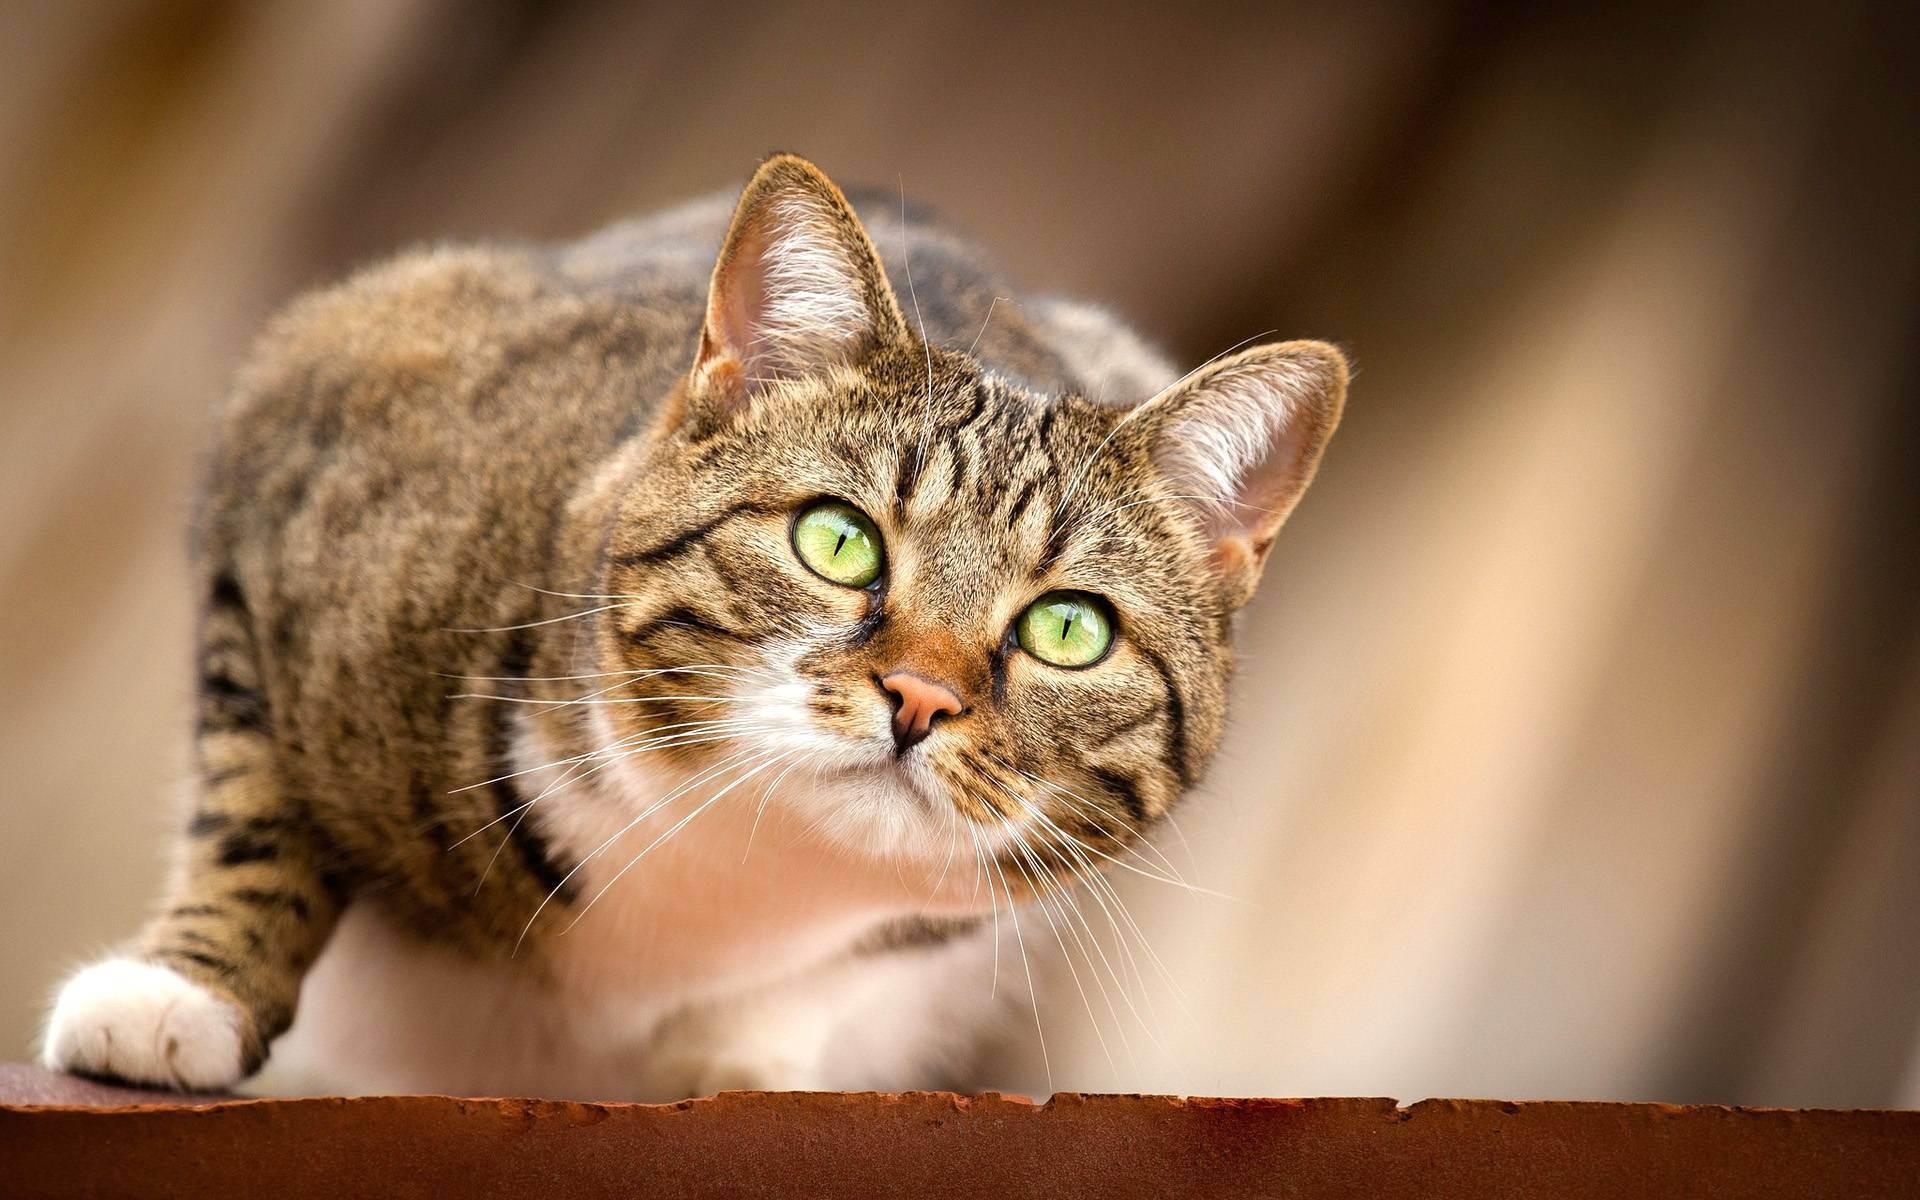 Таурин для кошек — польза, вред, дозировка и особенности применения в рационе питания кошек (90 фото)